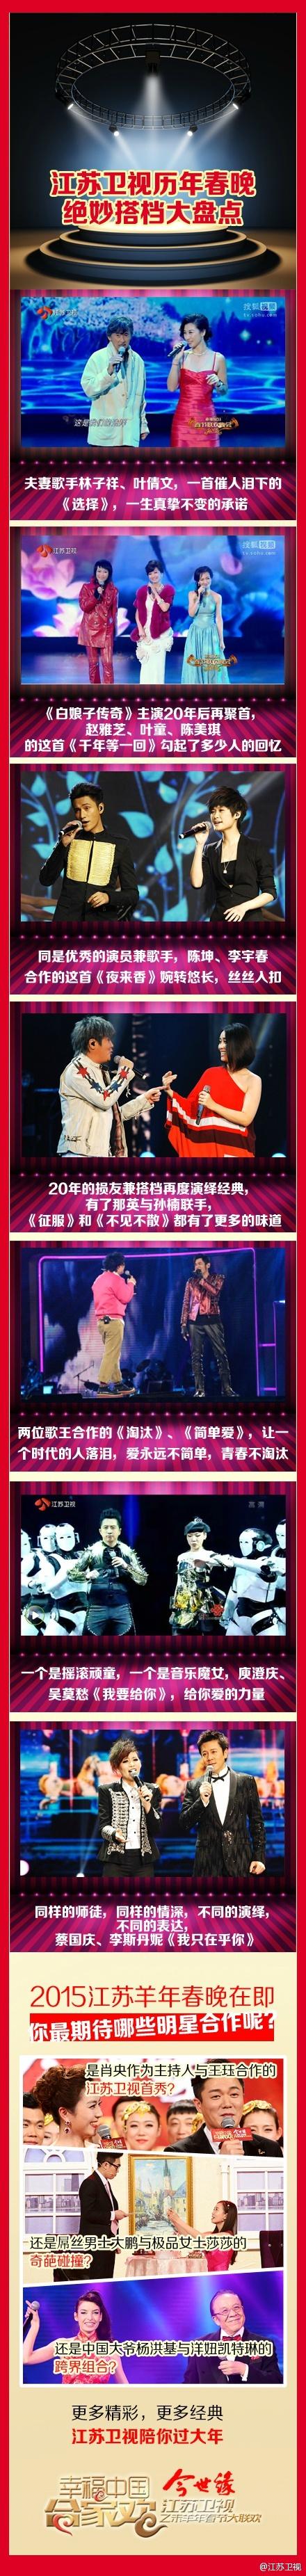 2015 Spring Festival program